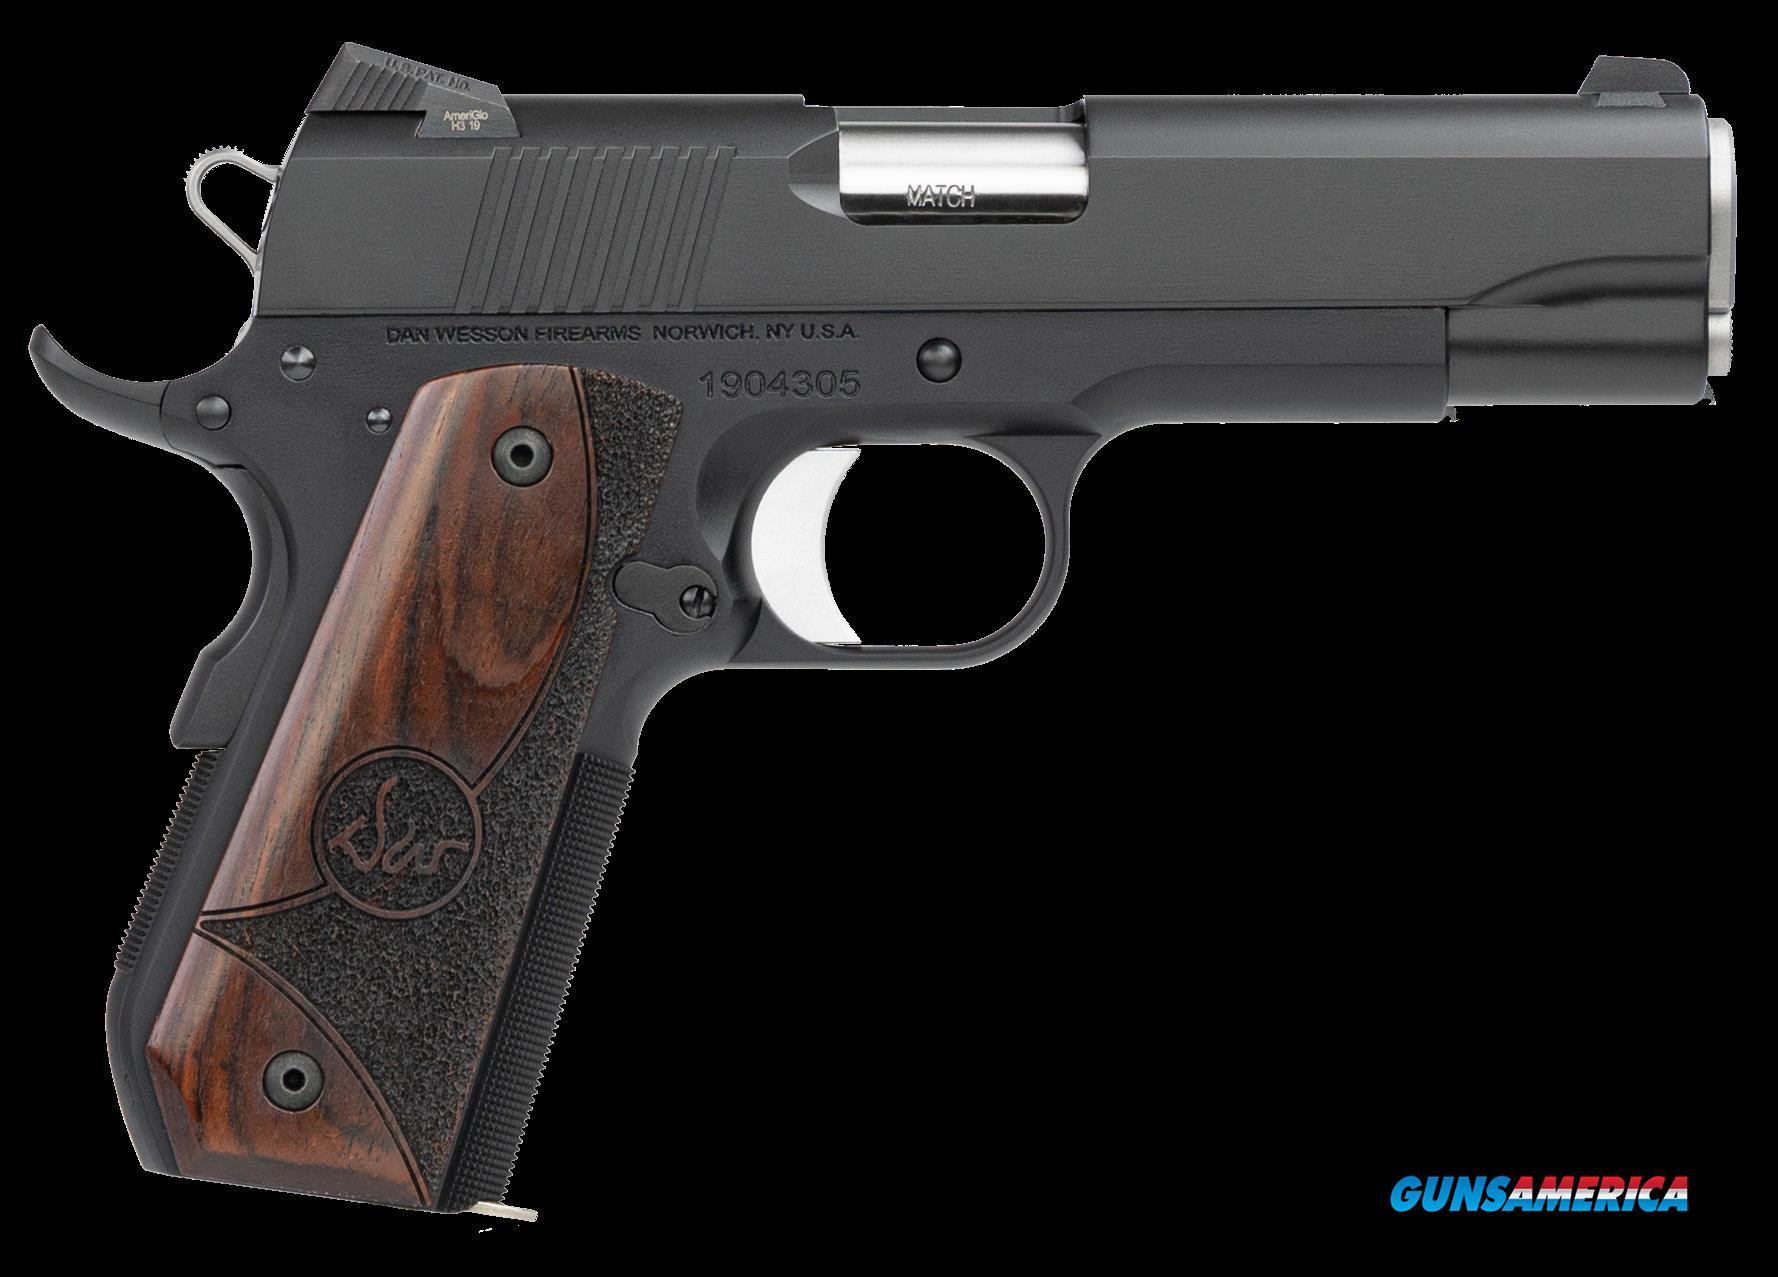 Dan Wesson Guardian, Dan 01838 Guardian       38sup  Guns > Pistols > 1911 Pistol Copies (non-Colt)